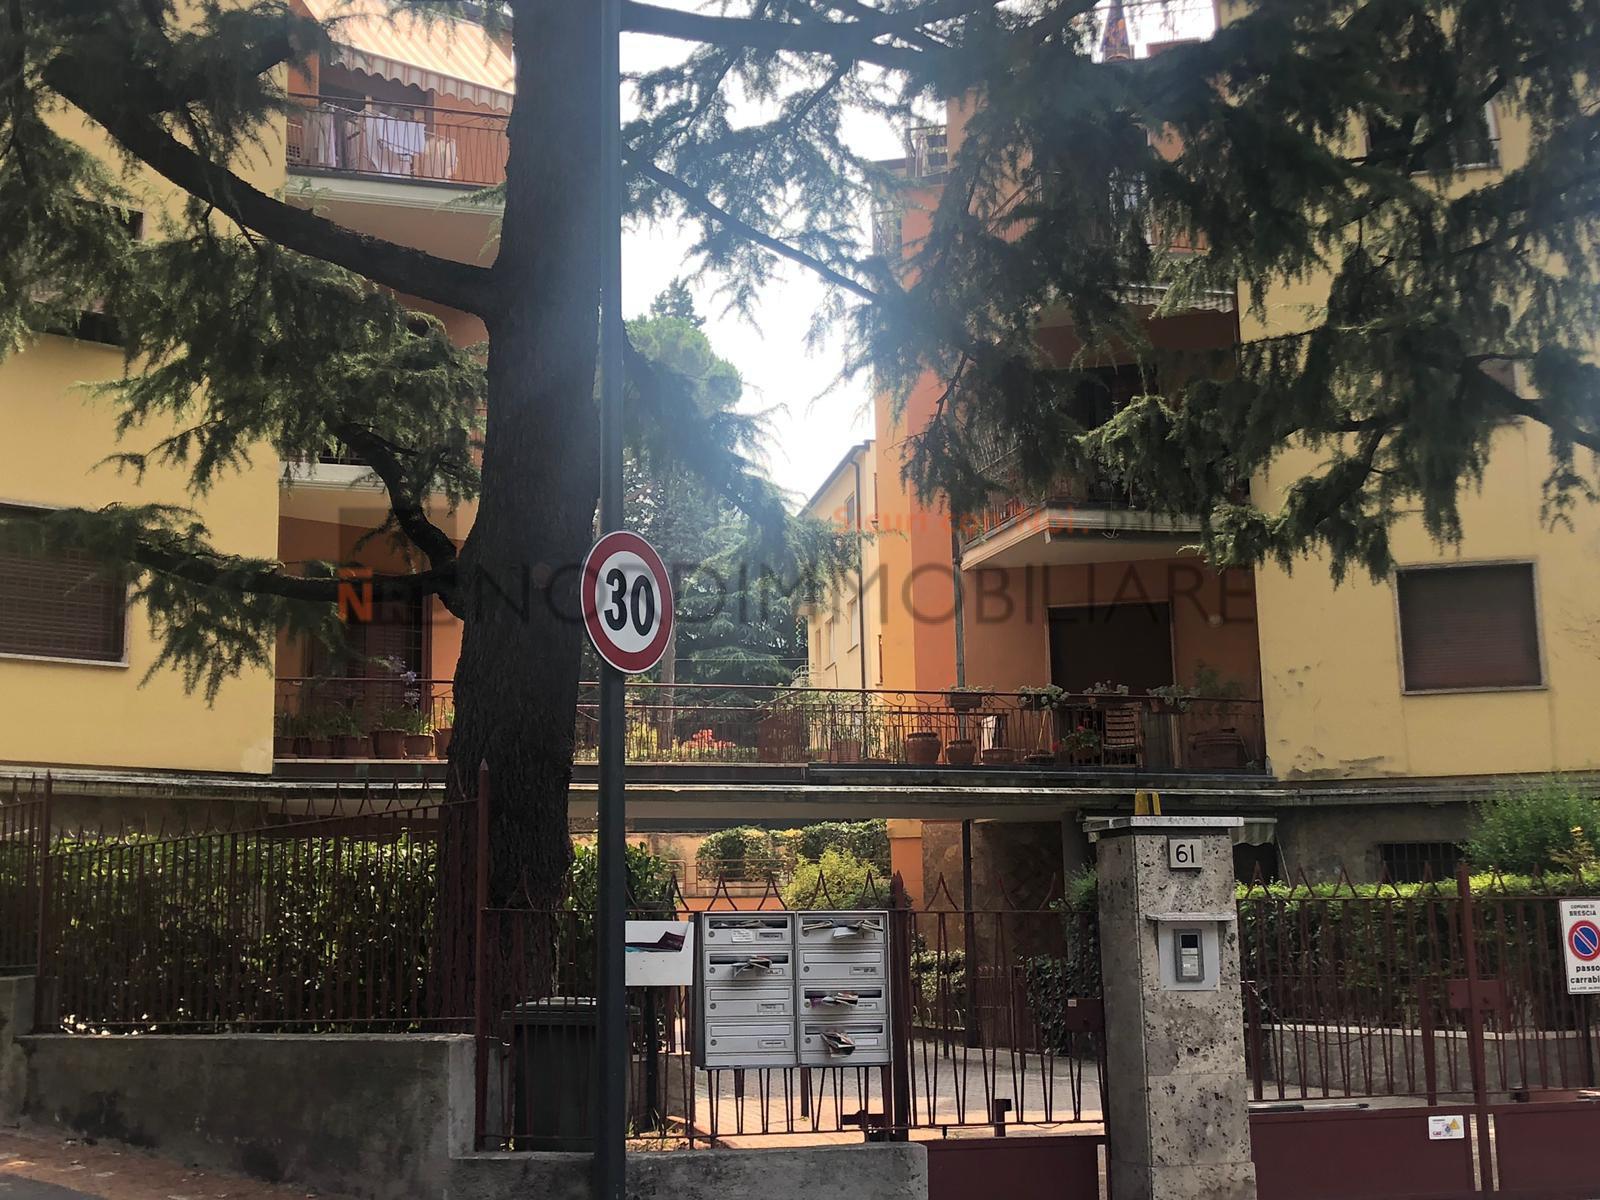 Appartamento in vendita 4 - PORTA VENEZIA, PANORAMICA, VIALE BORNATA-VIA AMBA D'ORO Brescia